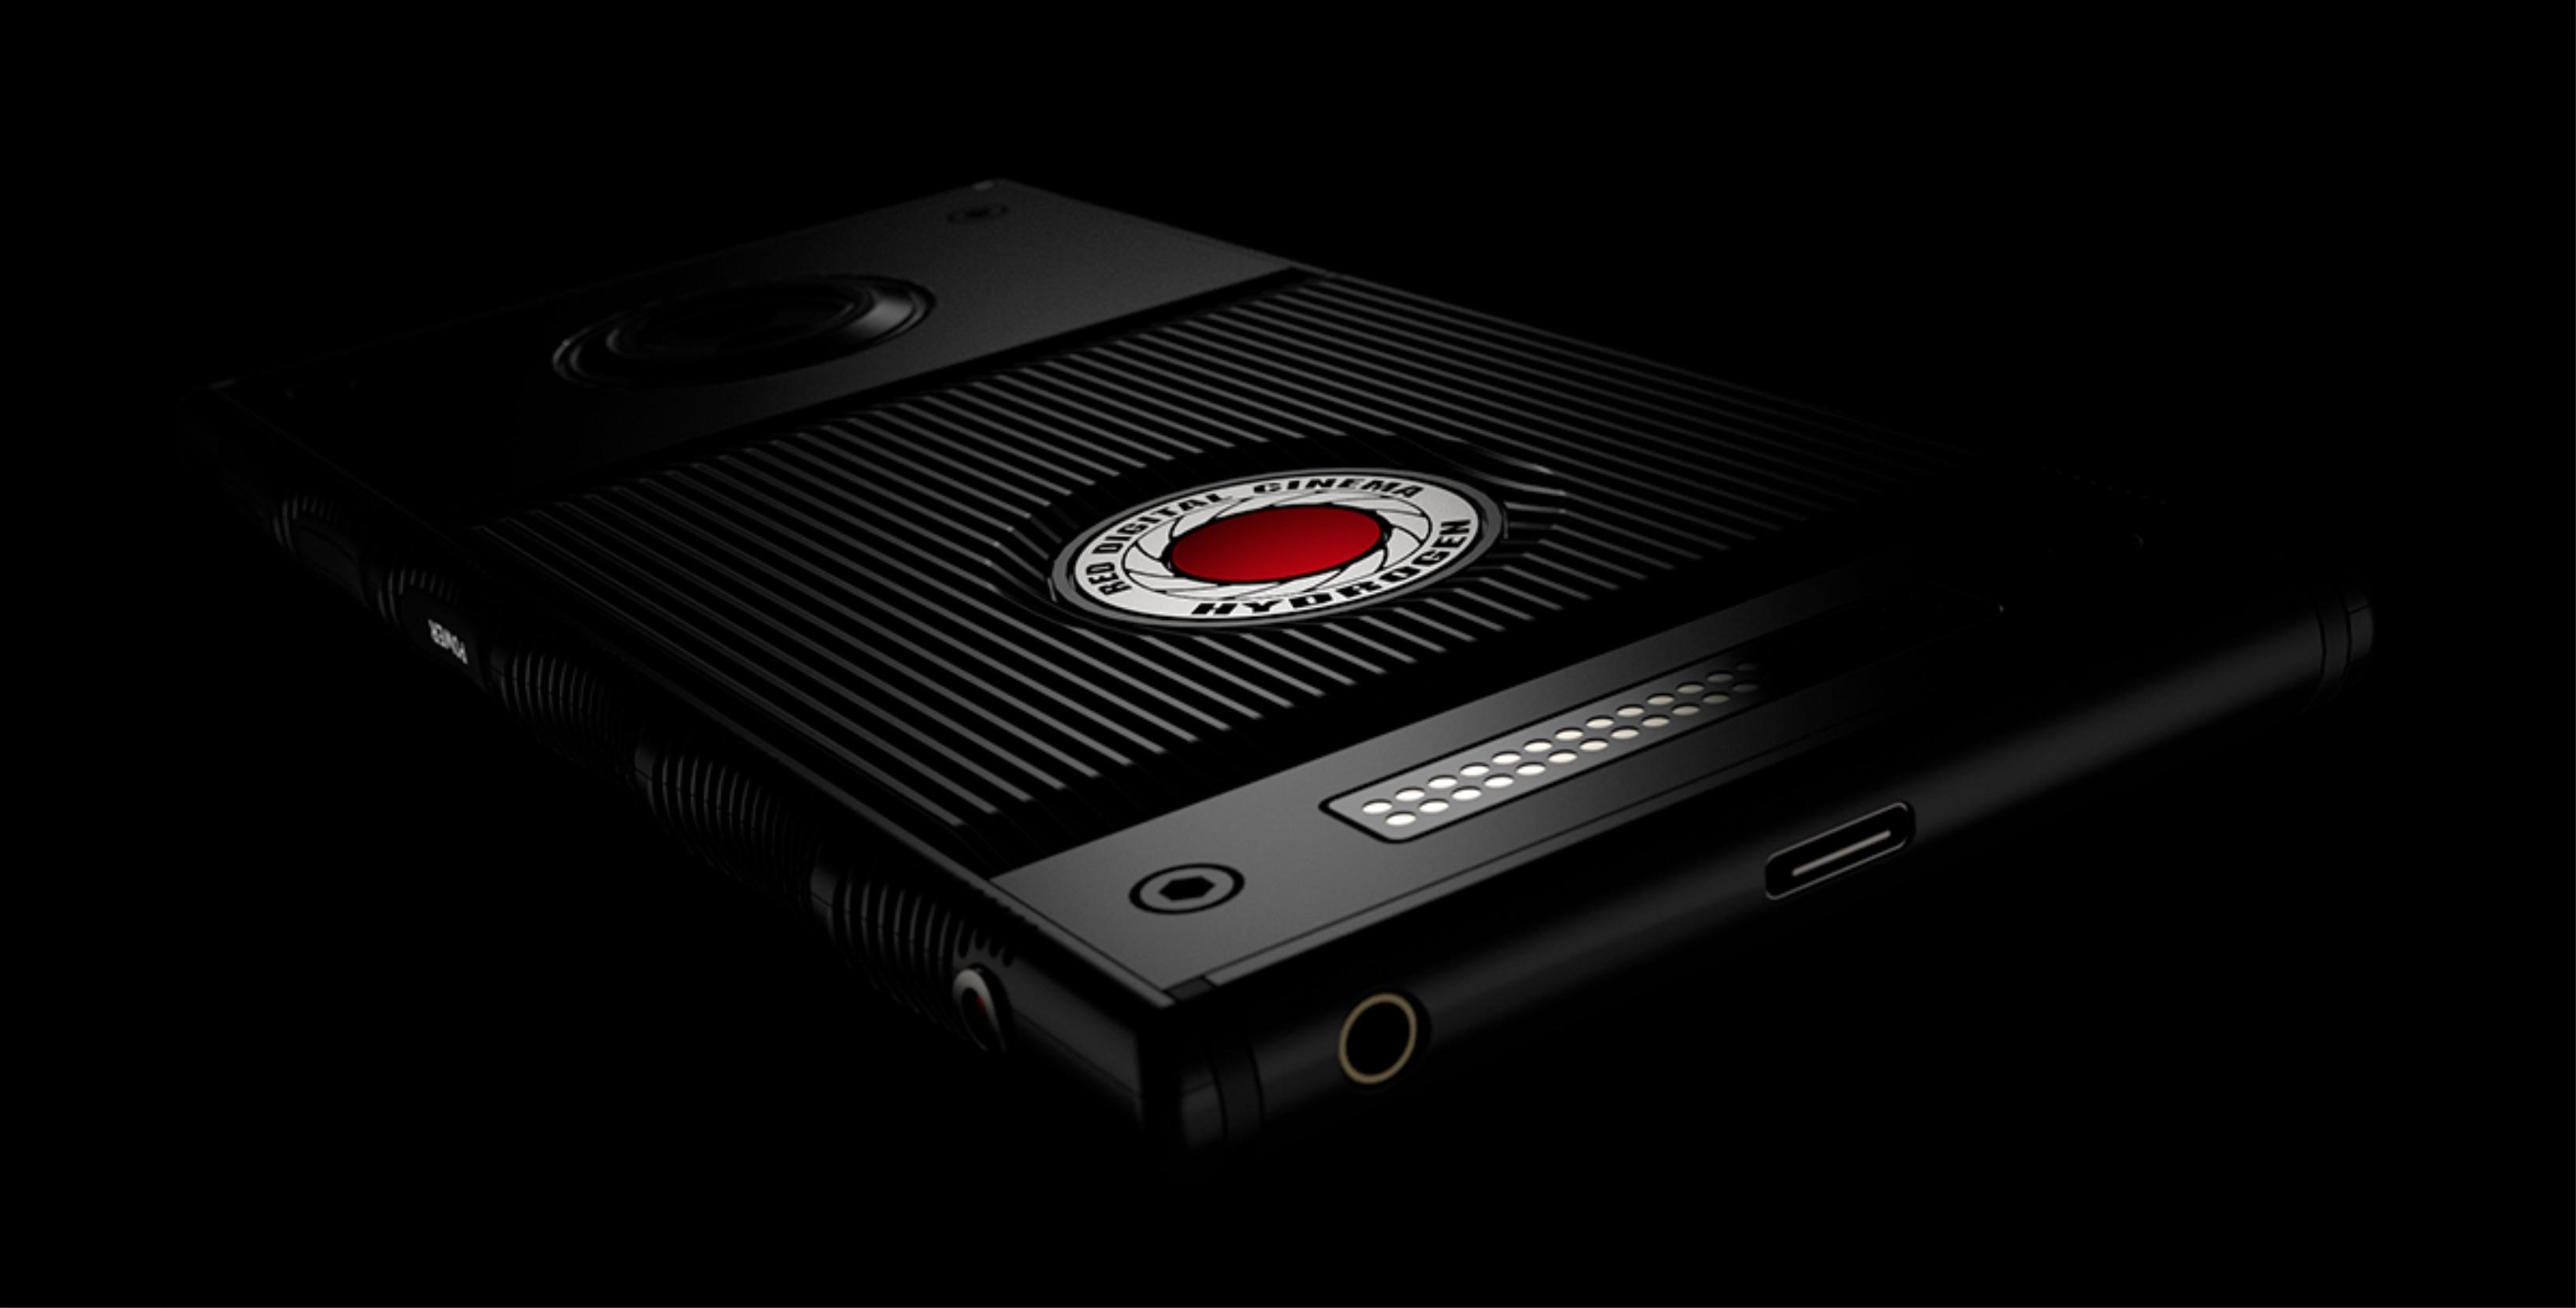 RED Hydrogen One: Android-Handy für 1195 Dollar mit Holographischem Display, Kamera u.a.